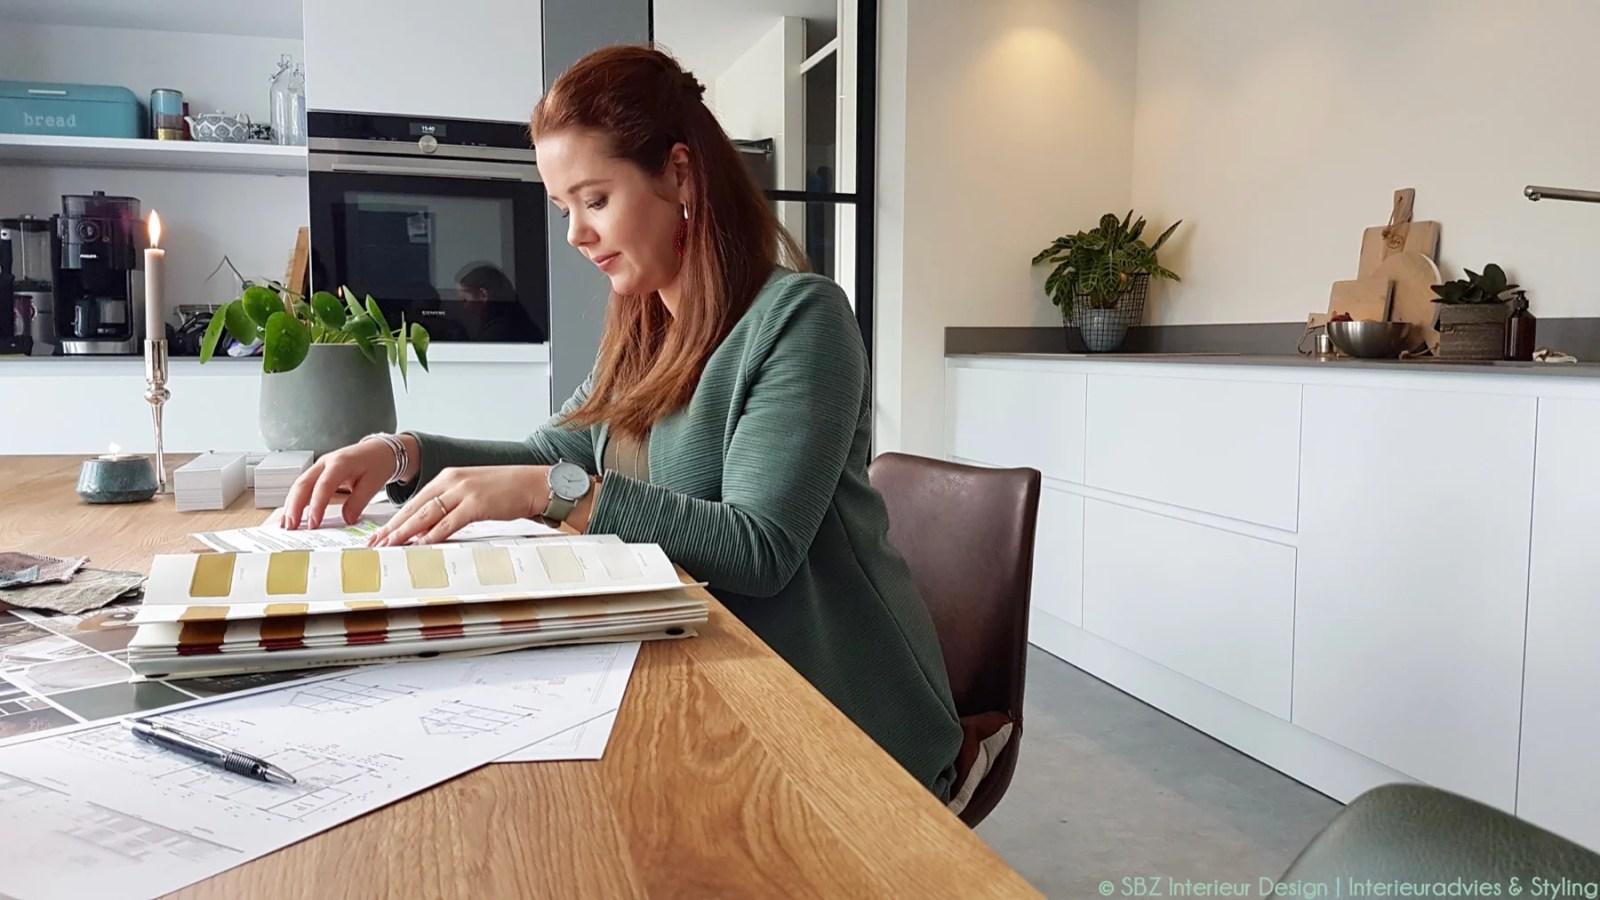 Lifestyle | Verhuizen of samenwonen? Voorkom stress met deze tips! - Woonblog StijlvolStyling.com